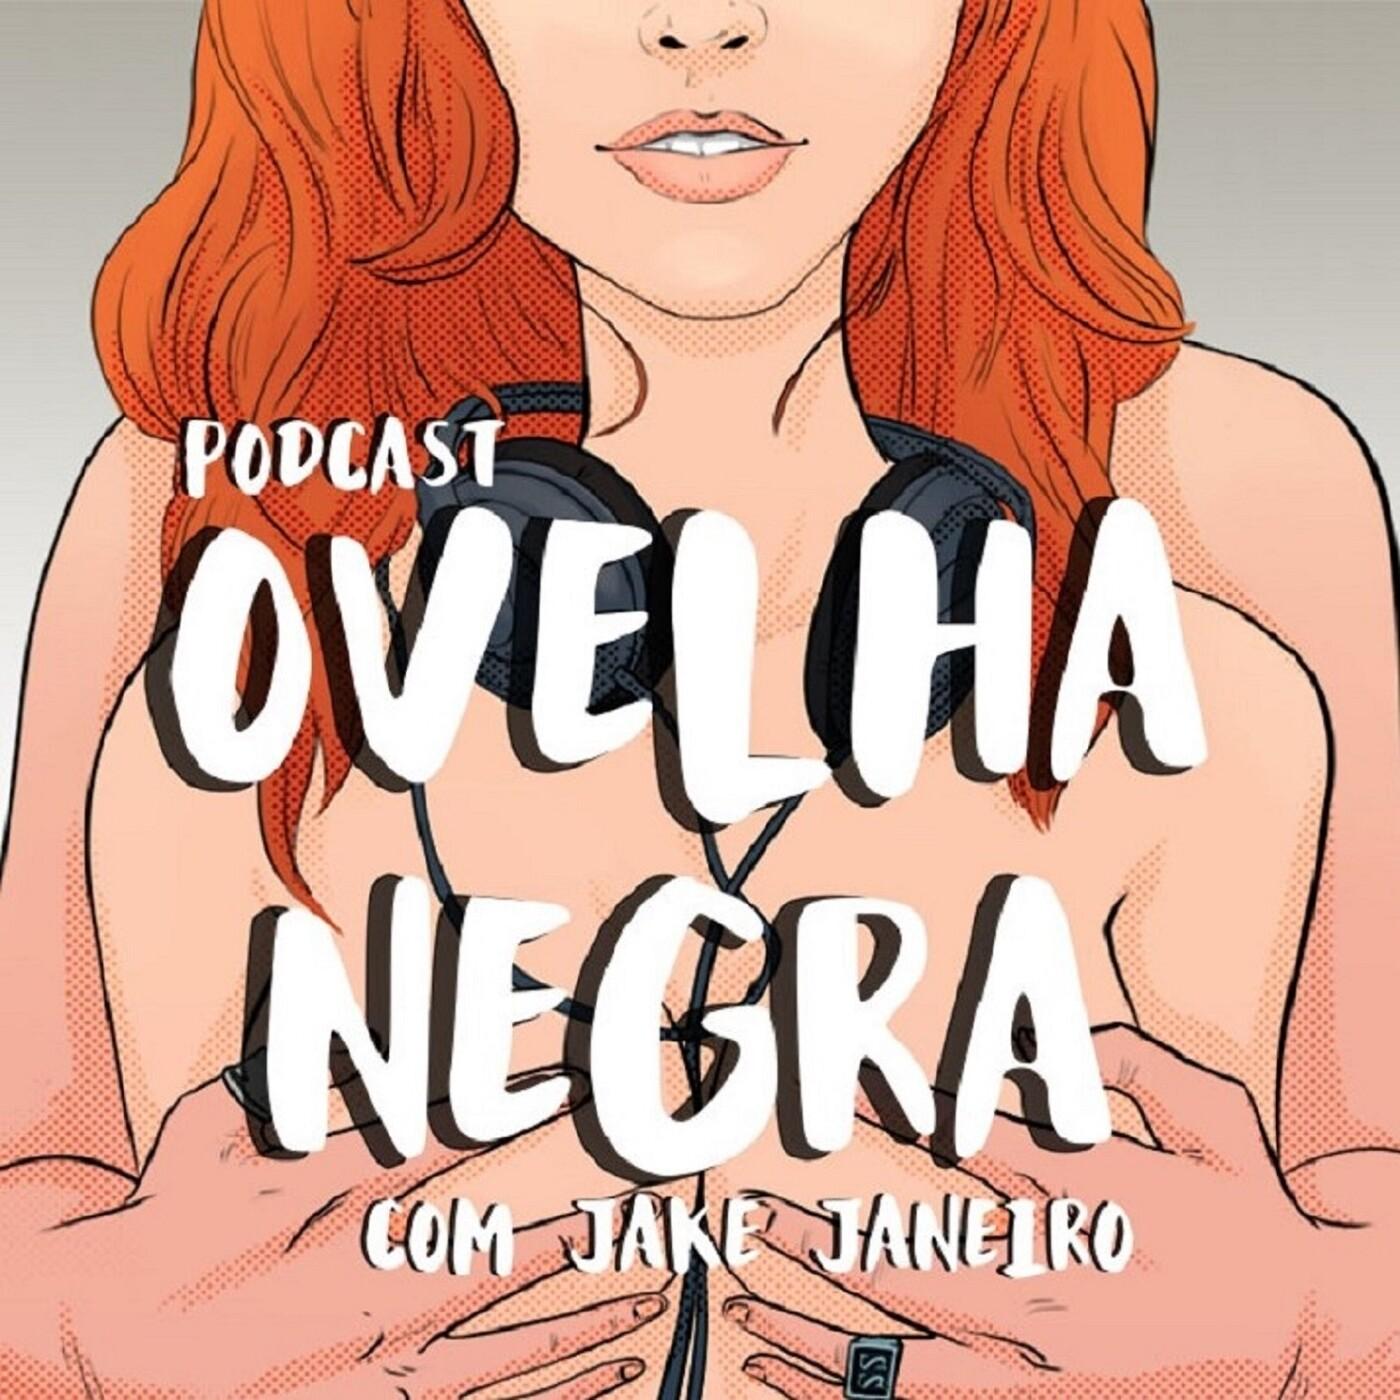 Podcast Ovelha Negra 60 - Anabolismo e Catabolismo